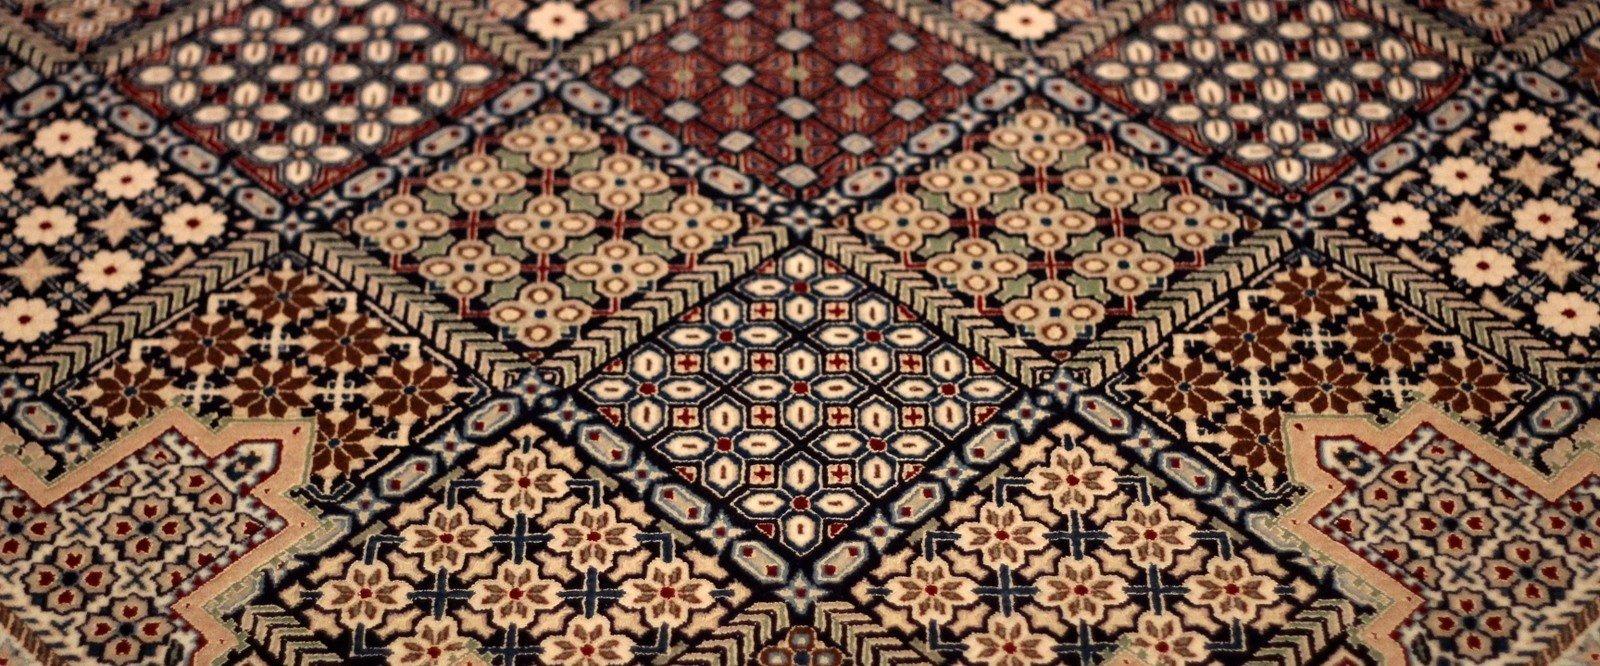 Ekskluzywne Dywany Pełnoprawne Dzieła Sztuki Sarmatia Trading